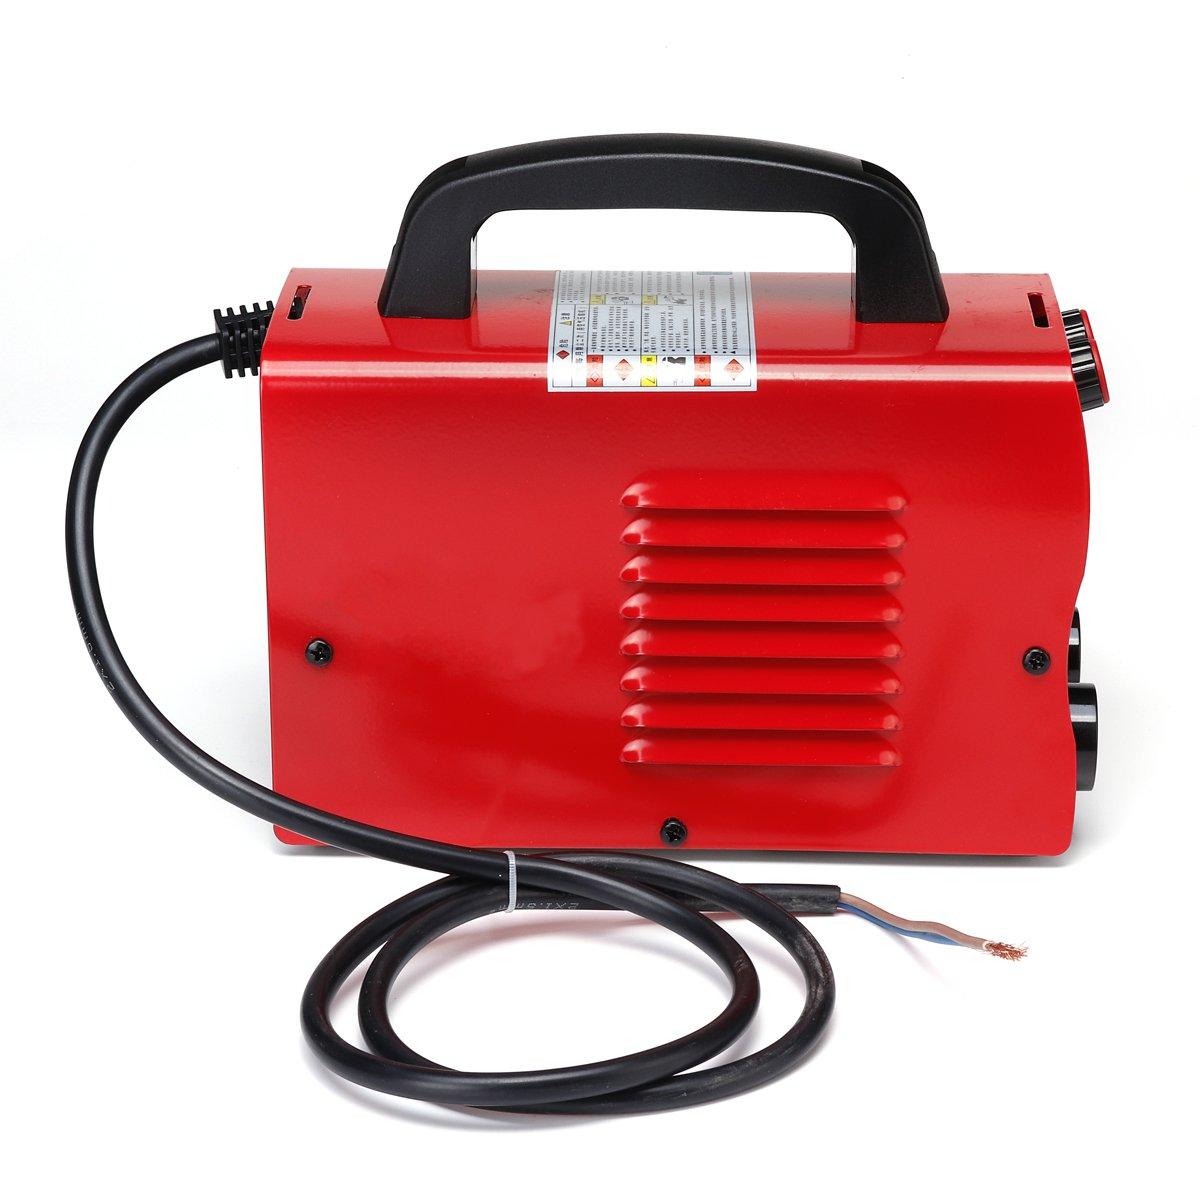 220V 6KW/9.5KW schweißer ZX7-250 10-250A Mini Arc Kraft Elektrische Schweißen Maschine LCD Digital Display MMA IGBT Inverter schweißer